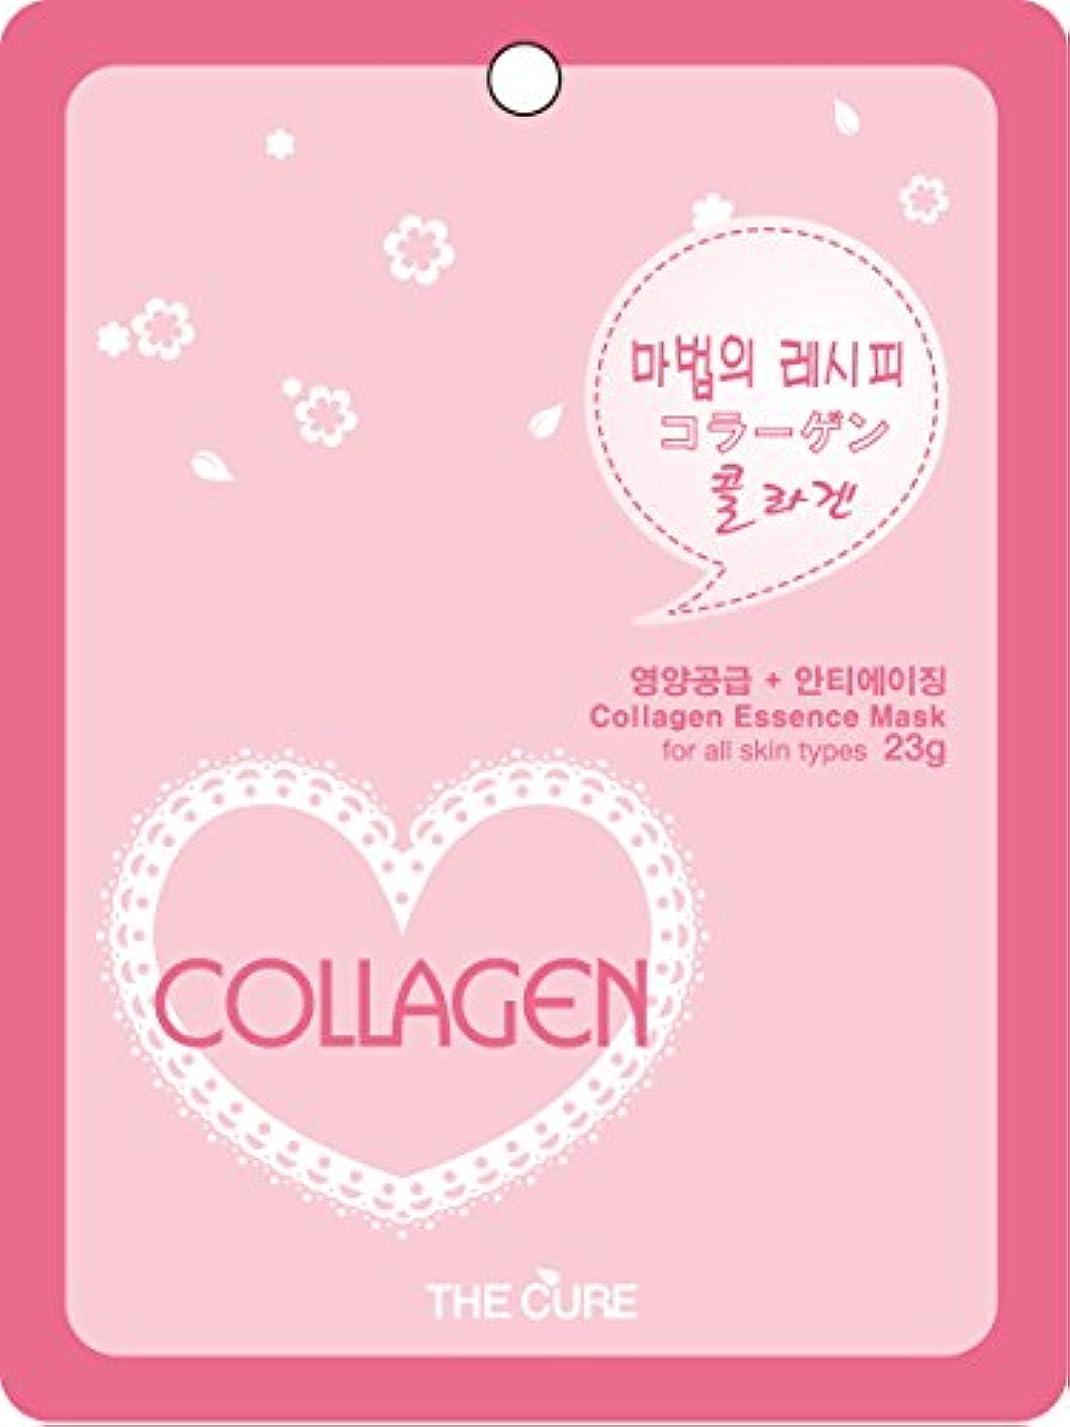 数日付公平コラーゲン エッセンス マスク THE CURE シート パック 100枚セット 韓国 コスメ 乾燥肌 オイリー肌 混合肌